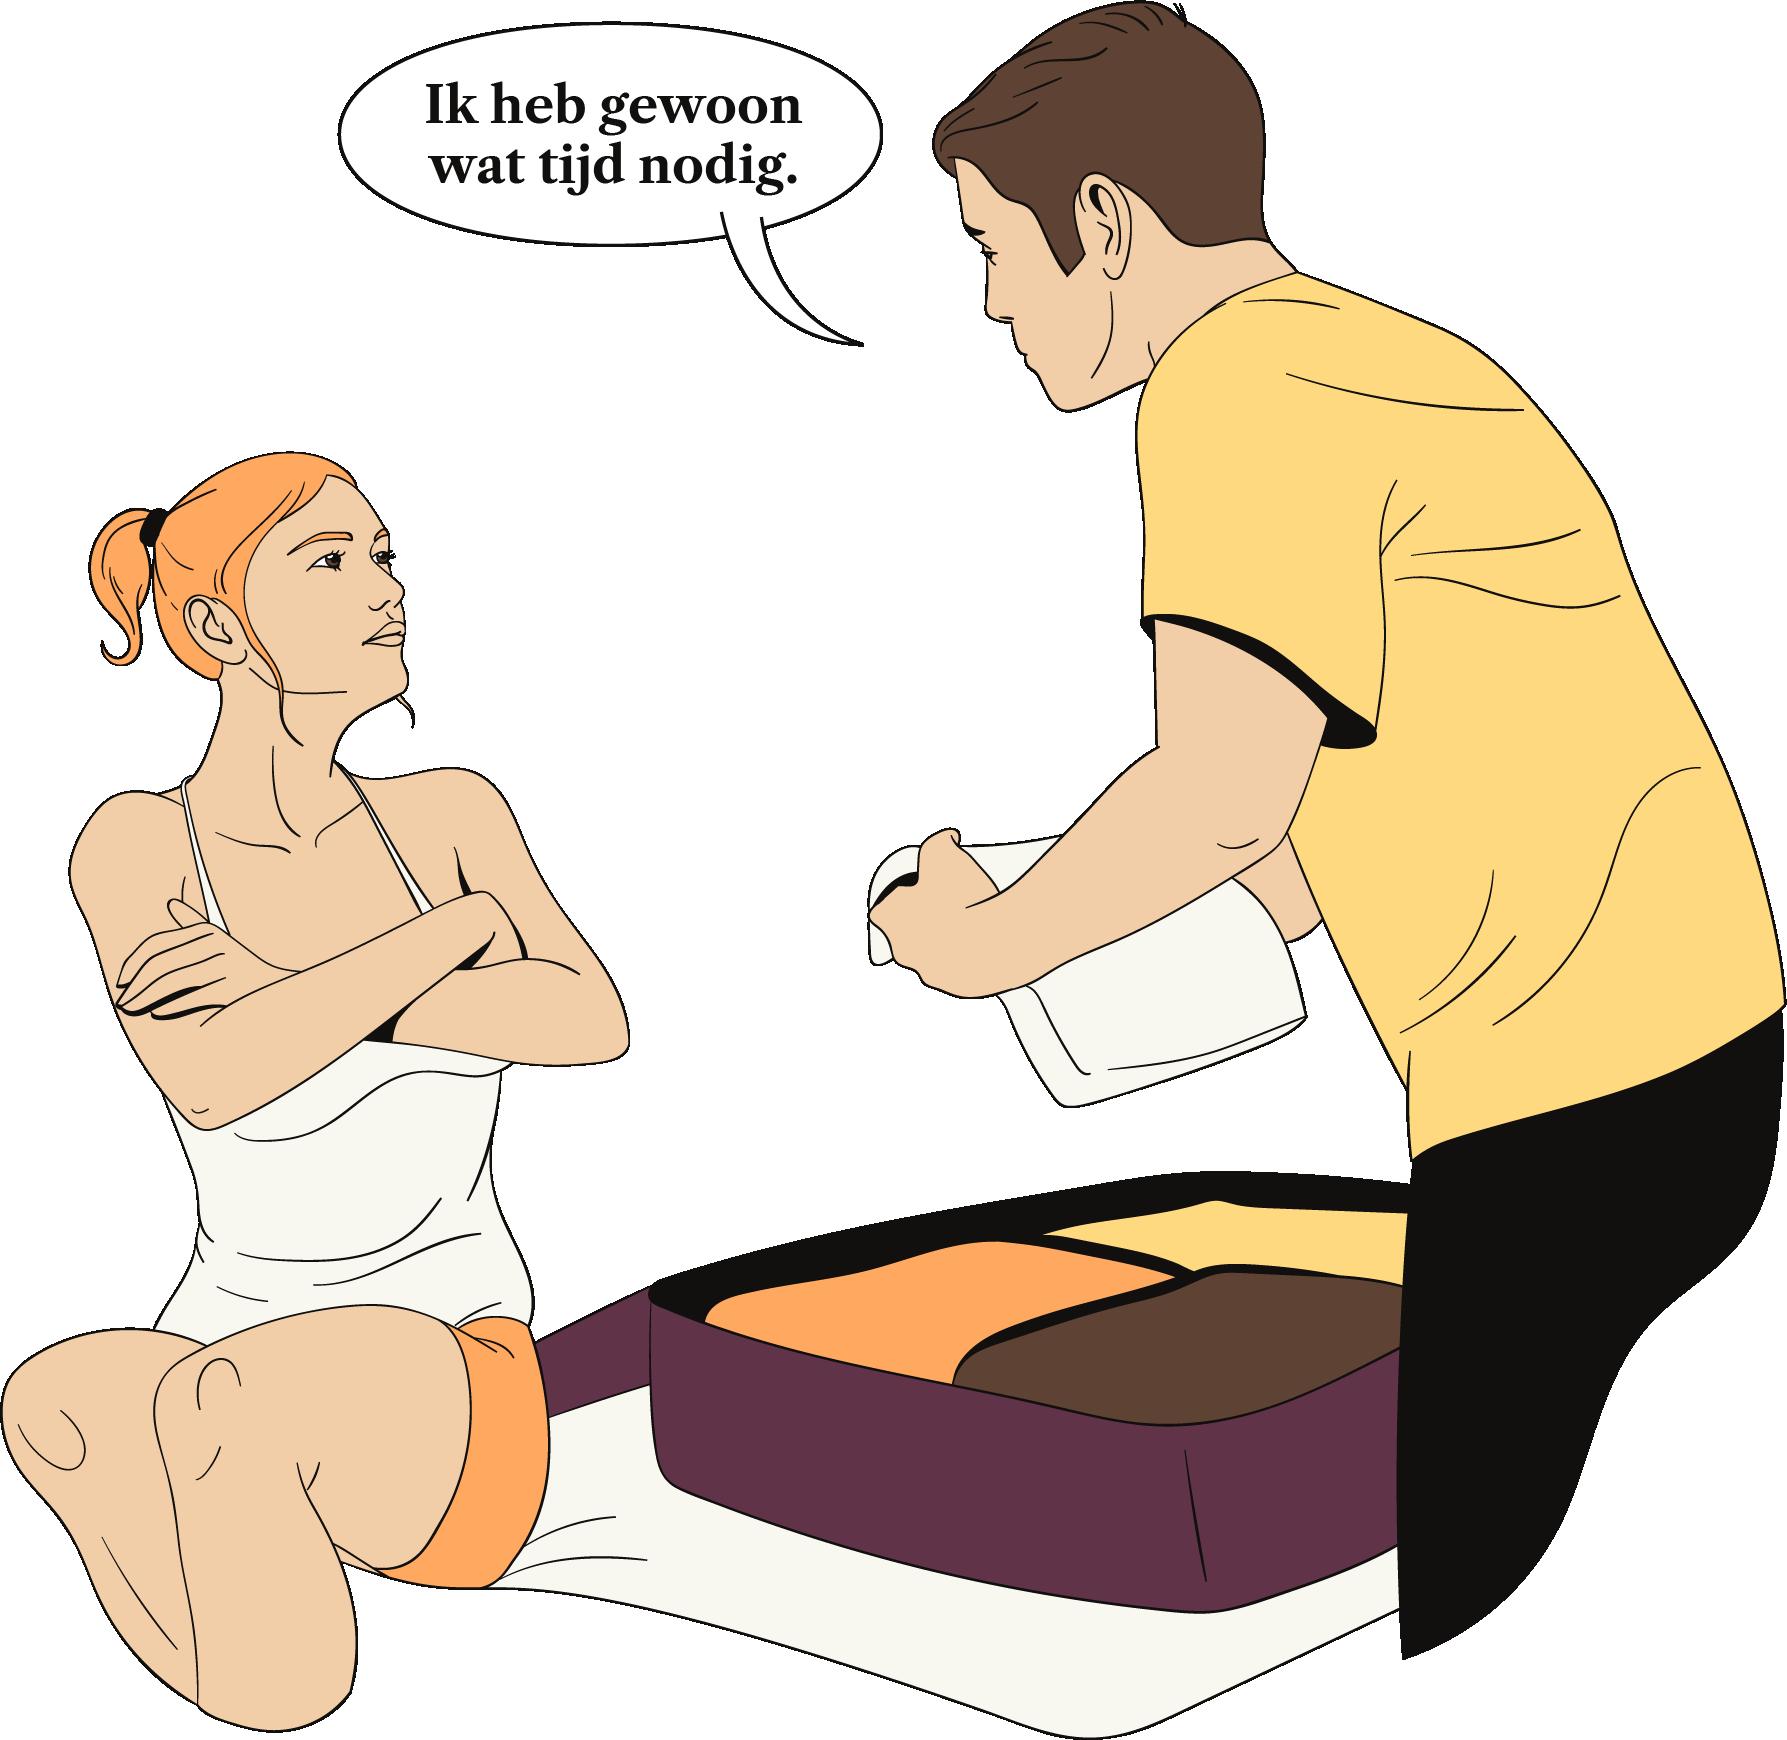 Een man pakt zijn koffers en zegt tegen zijn vriendin dat hij tijd nodig heeft.